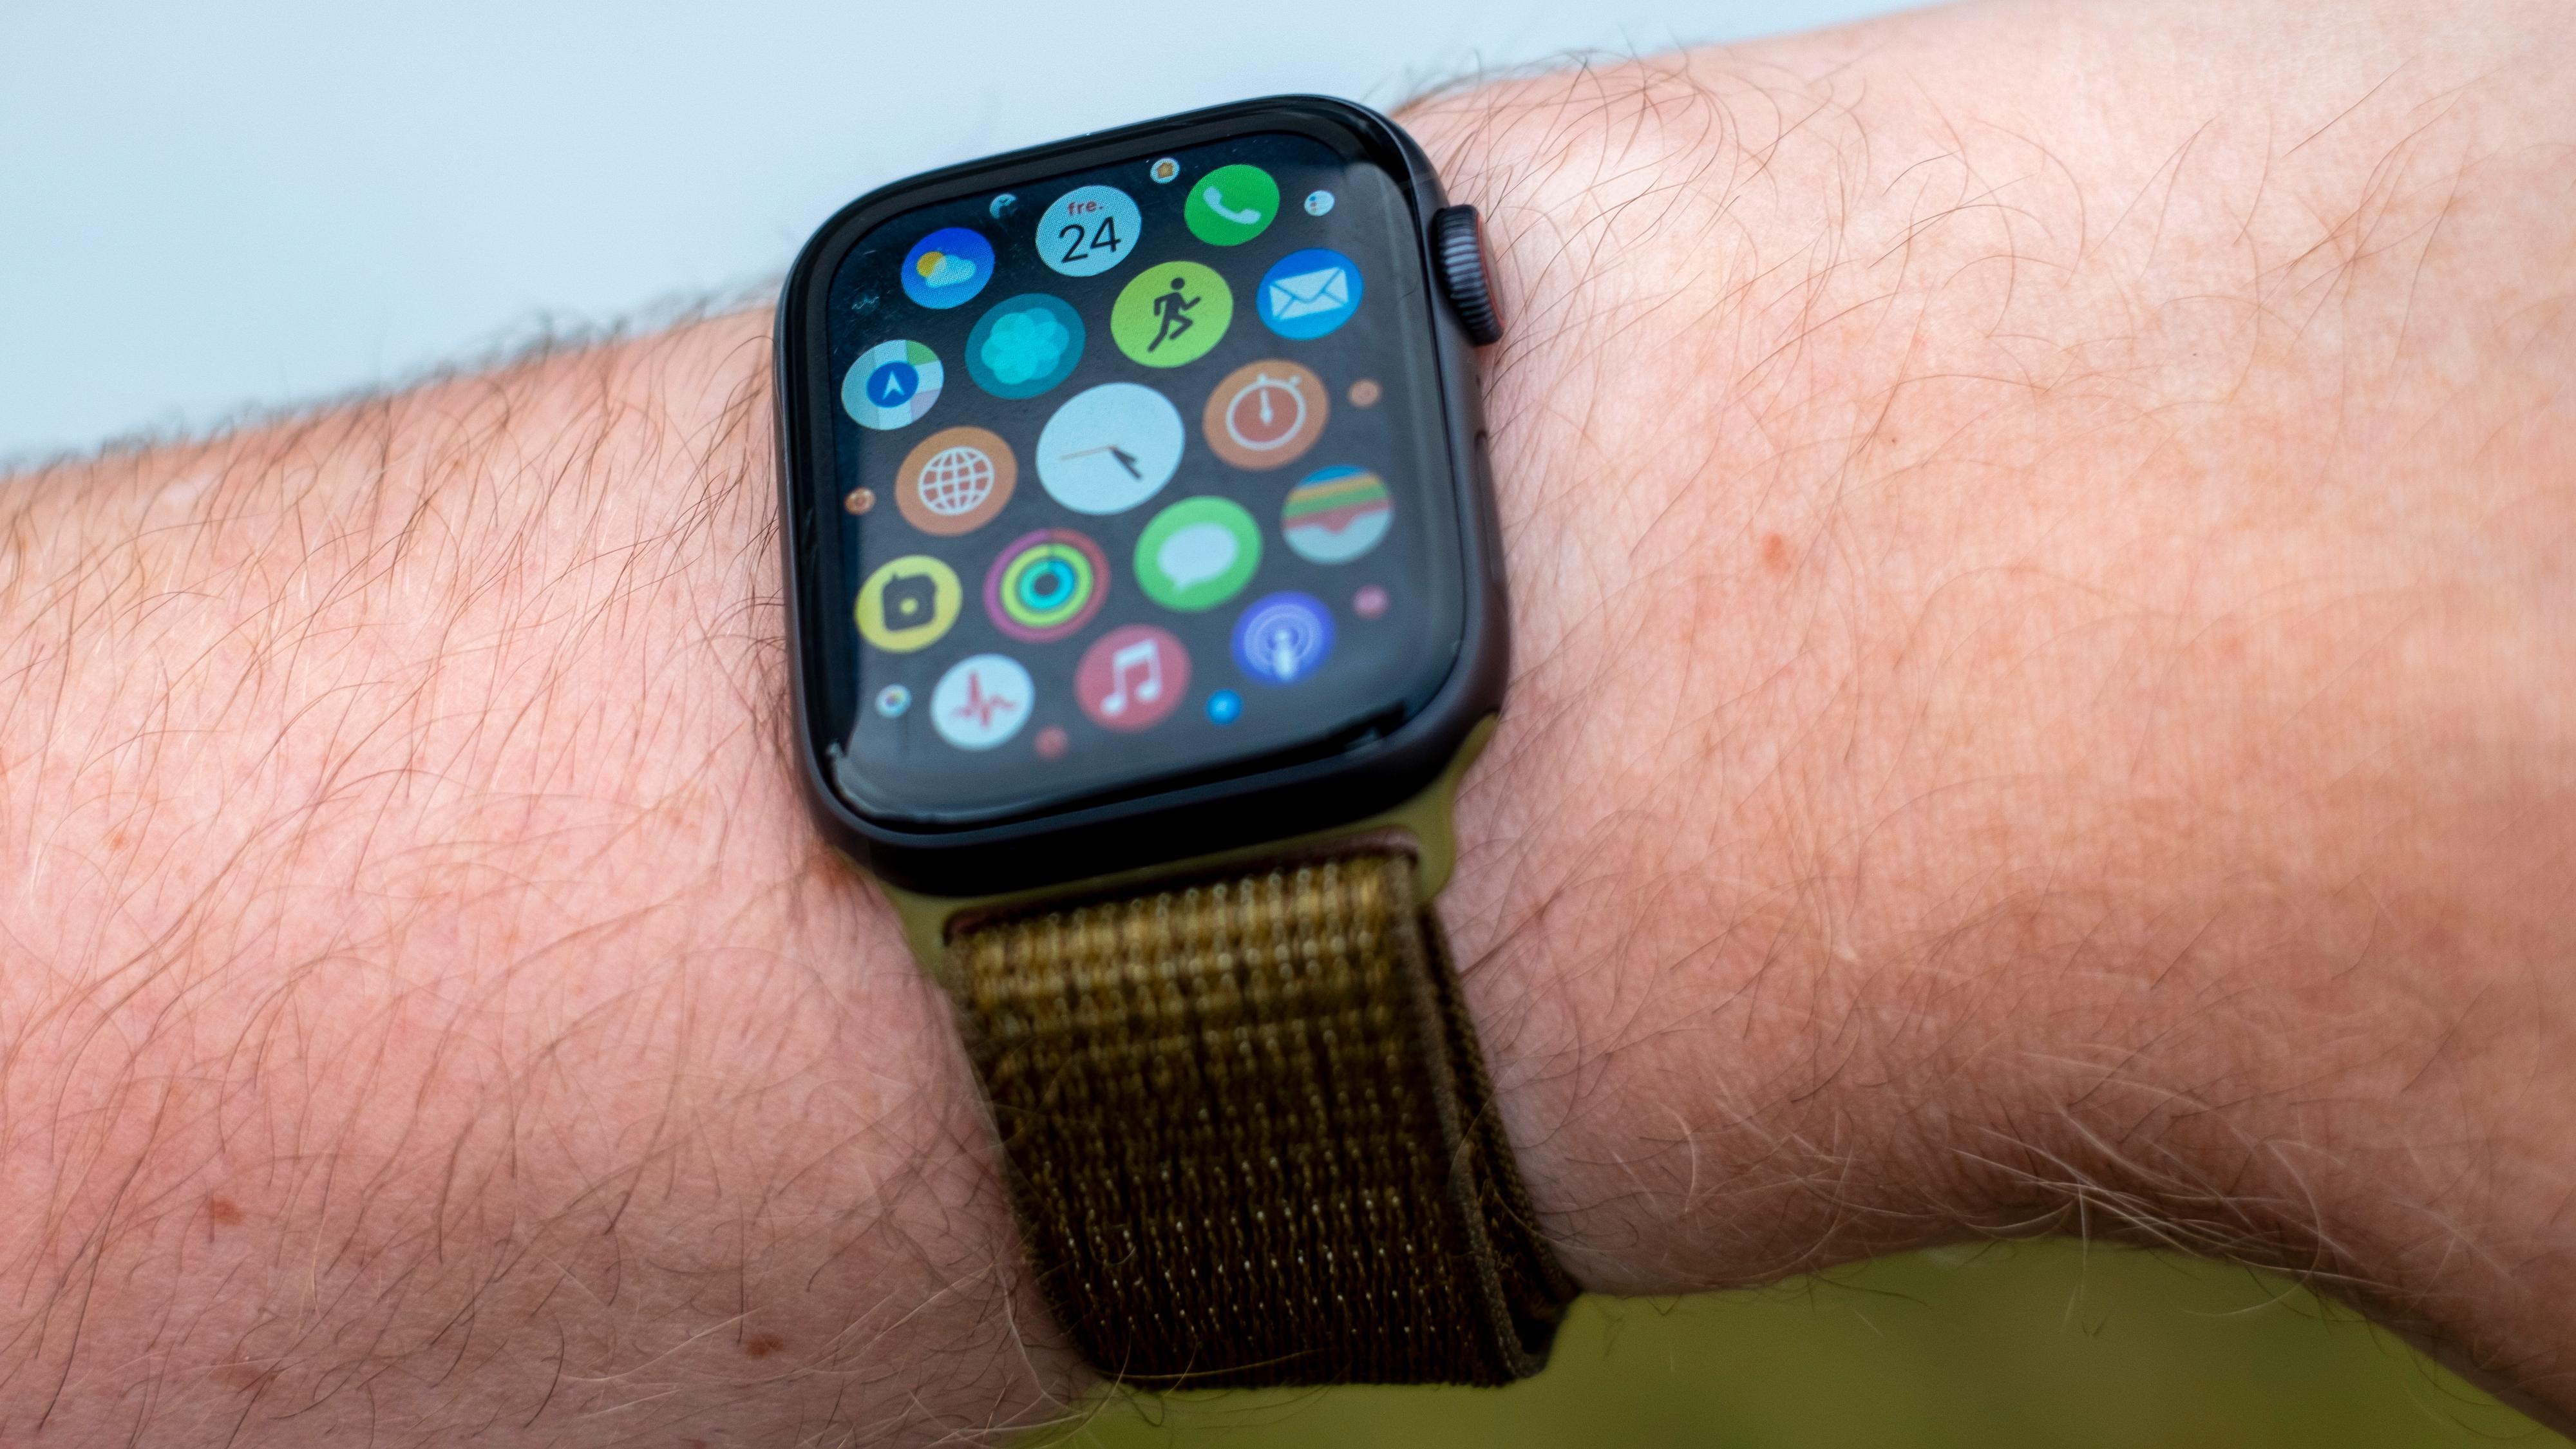 Apple Watch har mange spennende helsefunksjoner, og du kan laste ned apper på direkten. Men hvor mange bruker alt dette på smartklokka si?